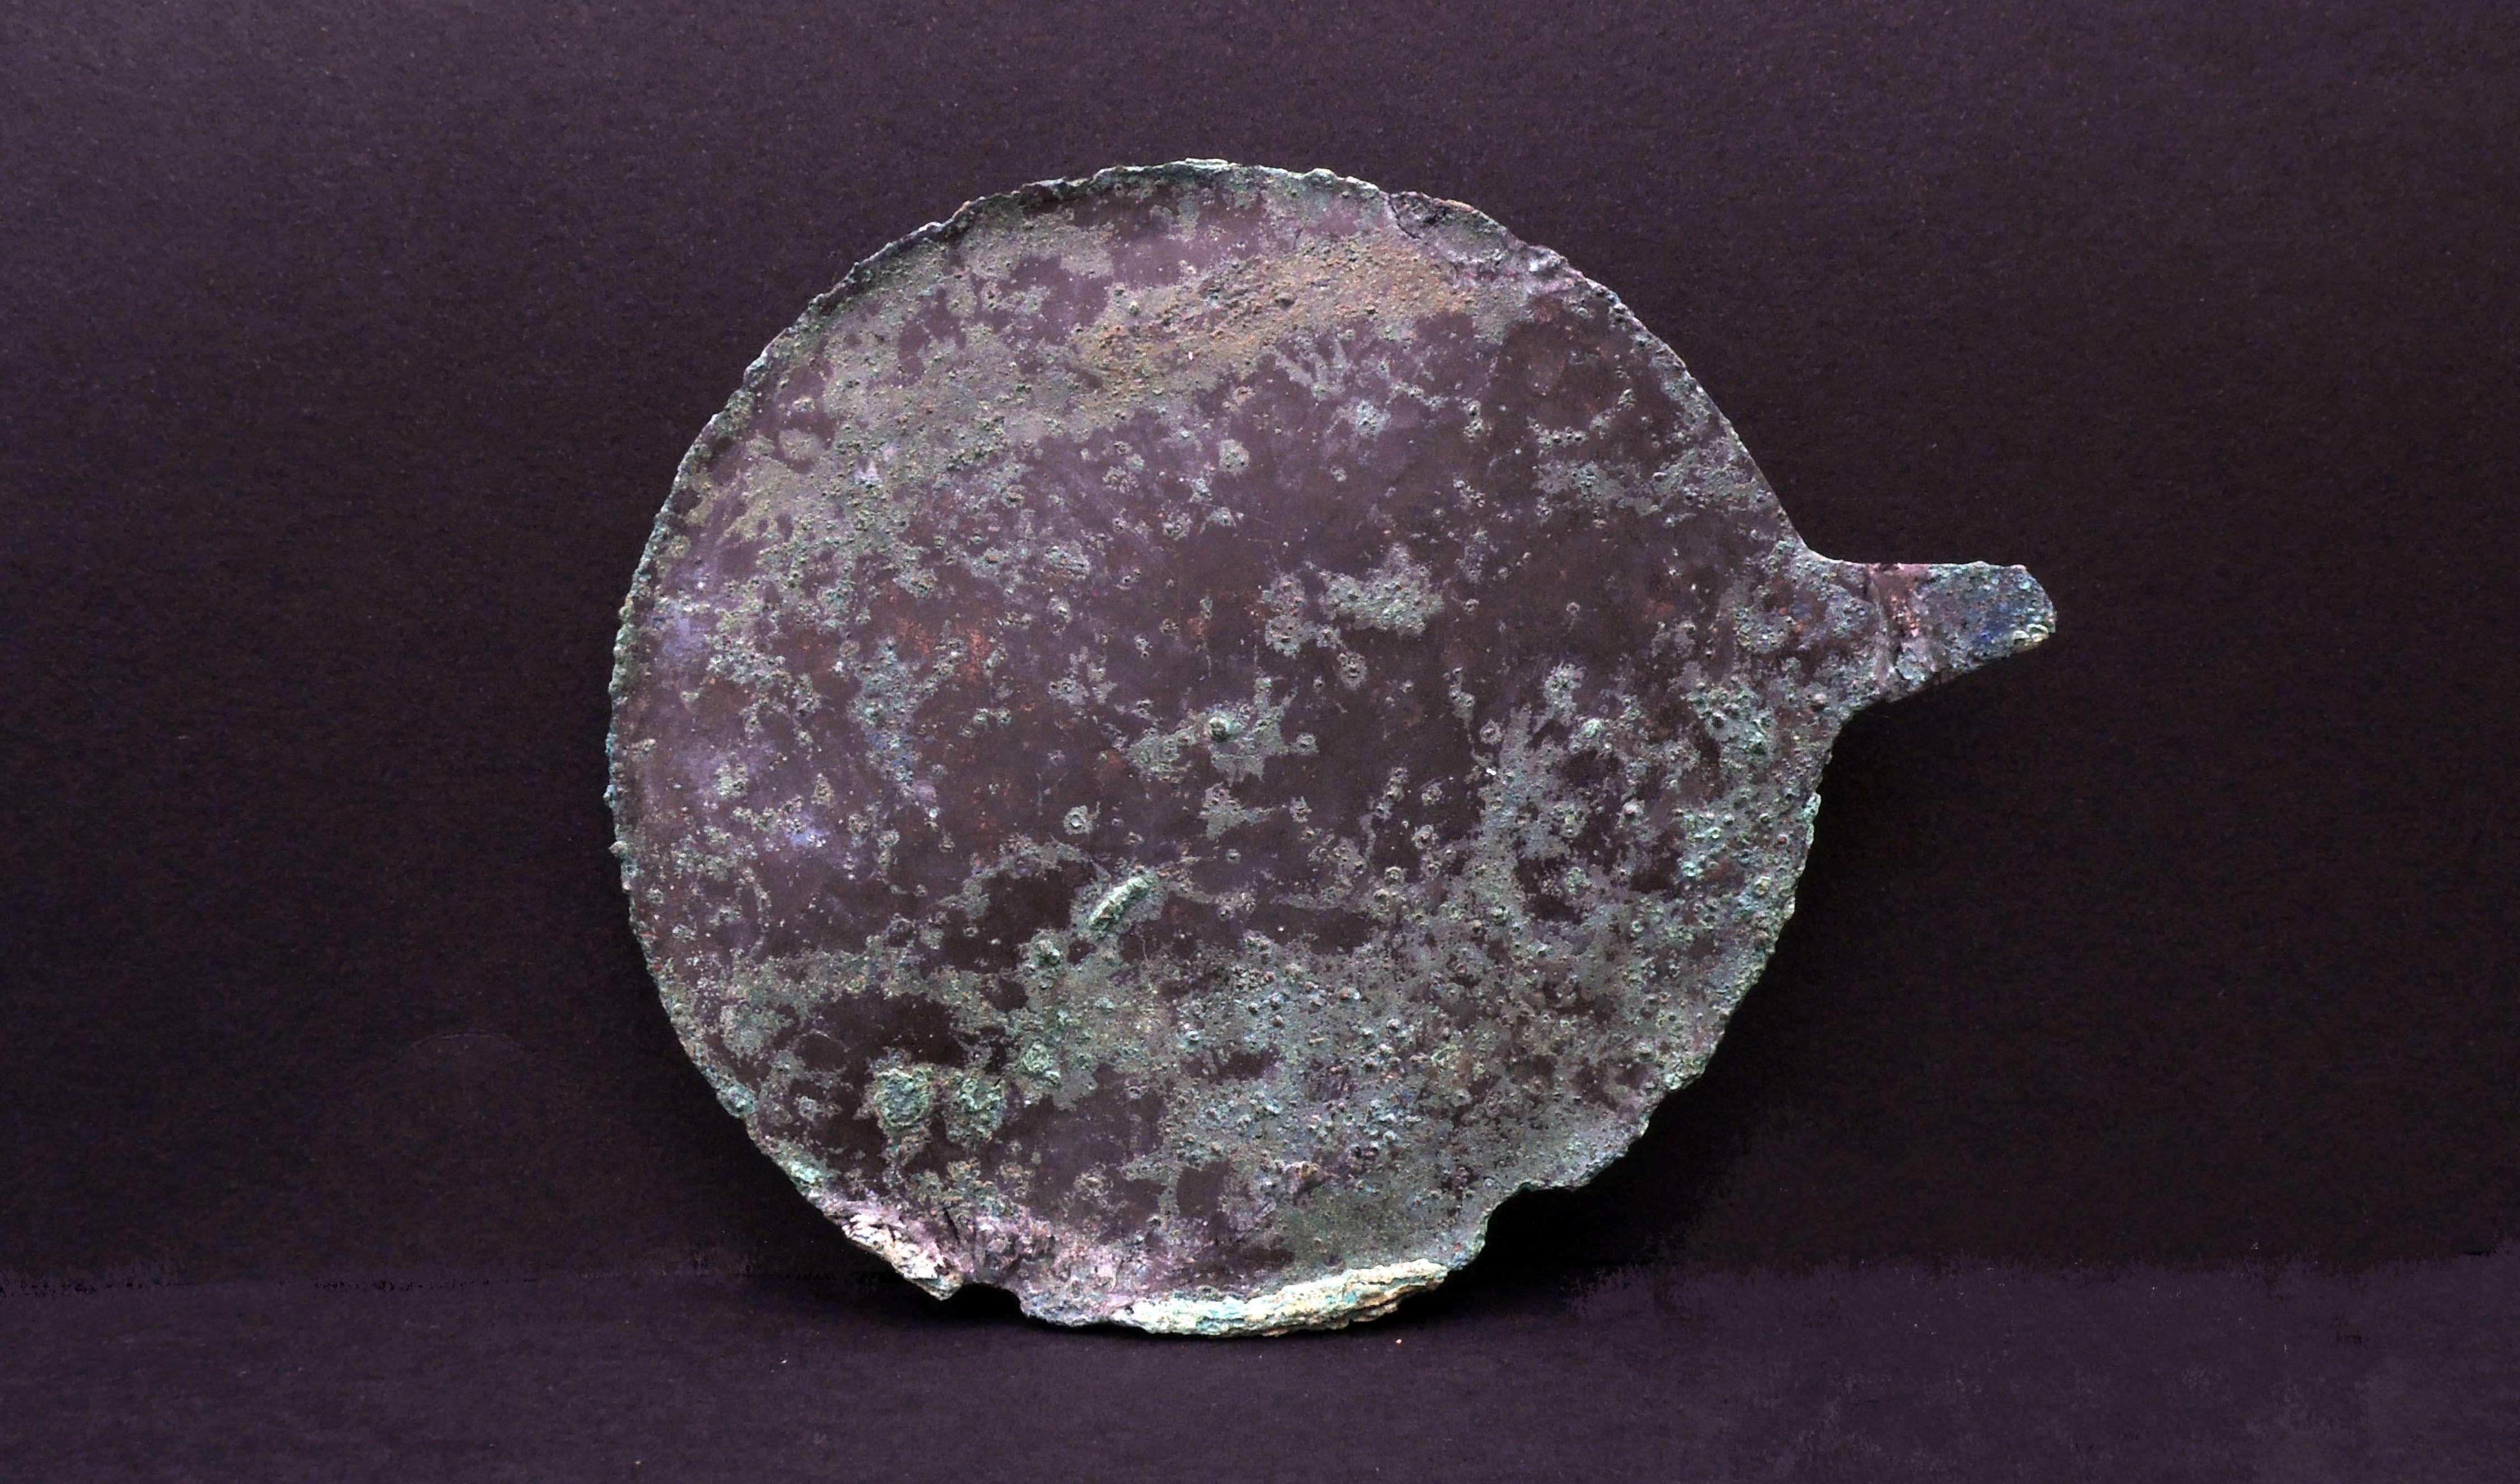 Artefato de metal encontrado no sítio arqueológico (Foto: S OPRINTENDENZA SPECIALE DI ROMA)